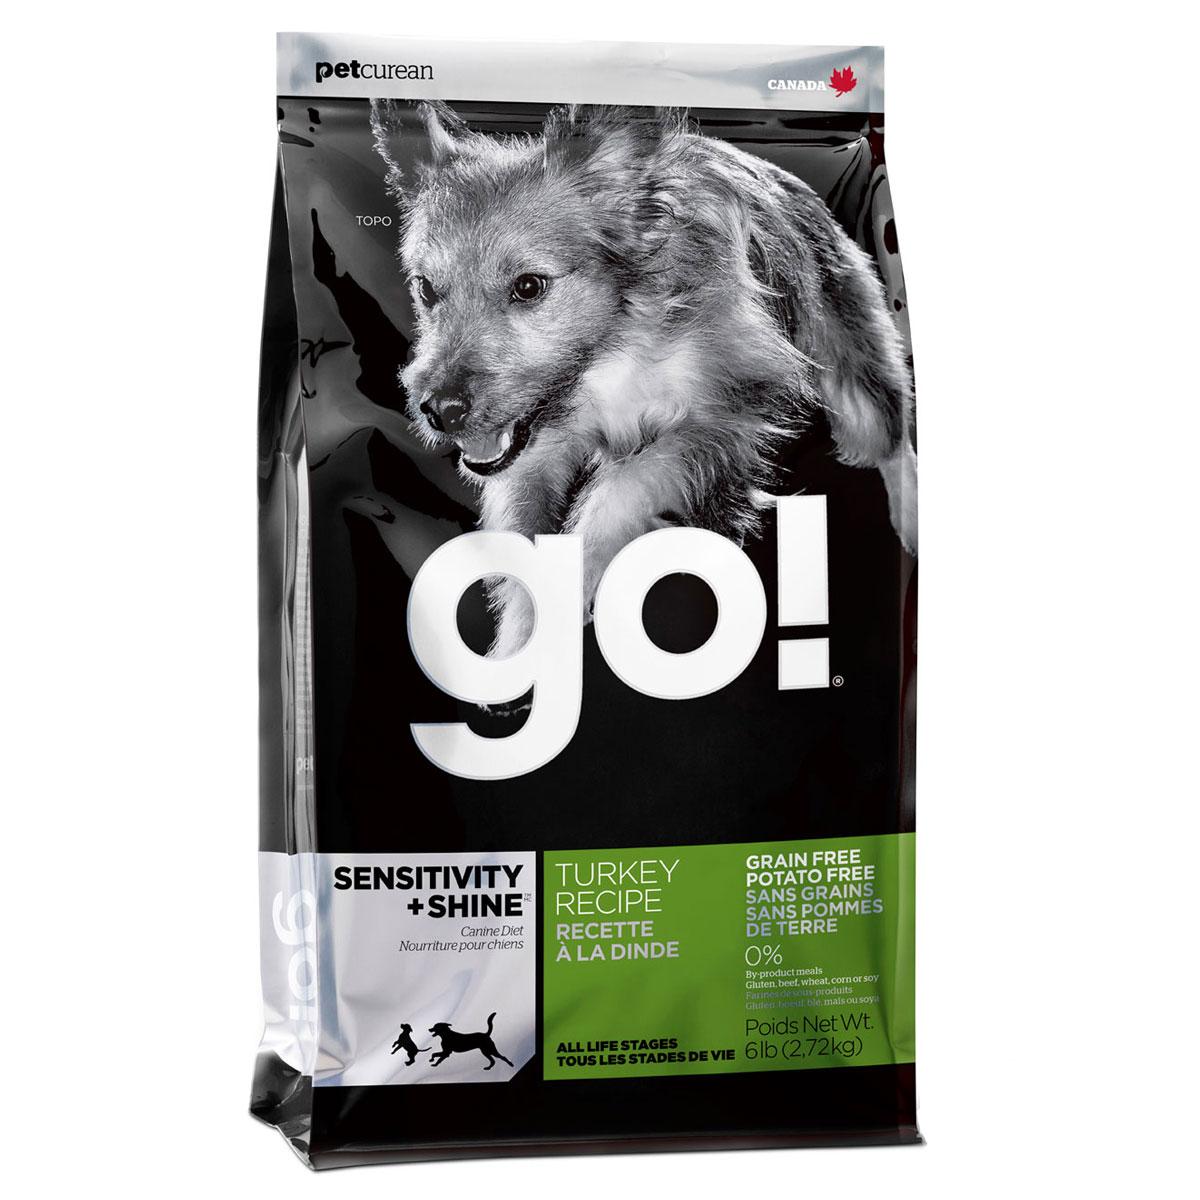 Корм сухой GO! для щенков и собак с чувствительным пищеварением, беззерновой, с индейкой, 2,72 кг0120710Сухой корм GO! предназначен для щенков и собак. В качестве основного источника углеводов используется чечевица, а не картофель, поэтому корм идеально подходит для собак чувствительных к картофелю (крахмалу) или при беззерновой диете. Основным источником белка является мясо индейки, что отлично подходит для собак с пищевой аллергией.Ключевые преимущества: - единственный источник белка - мясо индейки, - полностью беззерновой, - прибиотики и пробиотики нормализуют работу кишечника и улучшают работу пищеварительной системы, - жирные Омега кислоты - здоровье и блеск шерсти, - поддержка иммунной системы за счет фруктов и овощей, богатых антиоксидантами, - полное отсутствие субпродуктов, ГМО, искусственных консервантов, глютена, говядины, пшеницы, кукурузы и сои. Состав: свежее мясо индейки, филе индейки, горох, тапиока, каноловое масло (с Витамином Е в качестве консерванта), яичный порошок, гороховая клетчатка, натуральный ароматизатор, чечевица, хлорид калия, тыква, морковь, бананы, черника, клюква, брокколи, ежевика, папая, ананас, шпинат, домашний творог, сухие водоросли, сушеный корень цикория, холин хлорид, лецитин, Lactobacillus acidophilus, Enterococcus faecium, Aspergillus niger, Aspergillus oryzae, витамины (витамин А, витамин D3, витамин Е, инозитол, ниацин, L-аскорбил-2-полифосфатов (источник витамина С), D-пантотенат кальция, мононитрат тиамина, бета-каротин, рибофлавин, пиридоксин гидрохлорид, фолиевая кислота , биотин, витамин В12), минералы (цинк метионин комплекс, протеинат цинка, протеинат железа, протеинат меди, оксид цинка, протеинат марганца, сульфат меди, сульфат железа, йодат кальция, оксид марганца, селена, дрожжи), хлорид натрия, таурин, экстракт Юкка Шидигера, сушеный розмарин, дрожжевой экстракт. Гарантированный анализ: белки (min) - 30%, жиры (min) - 16%, клетчатка (max) - 3%, влага (max) - 10%, кальций (min) - 1,8%, фосфор (min) - 0,9%, жирны